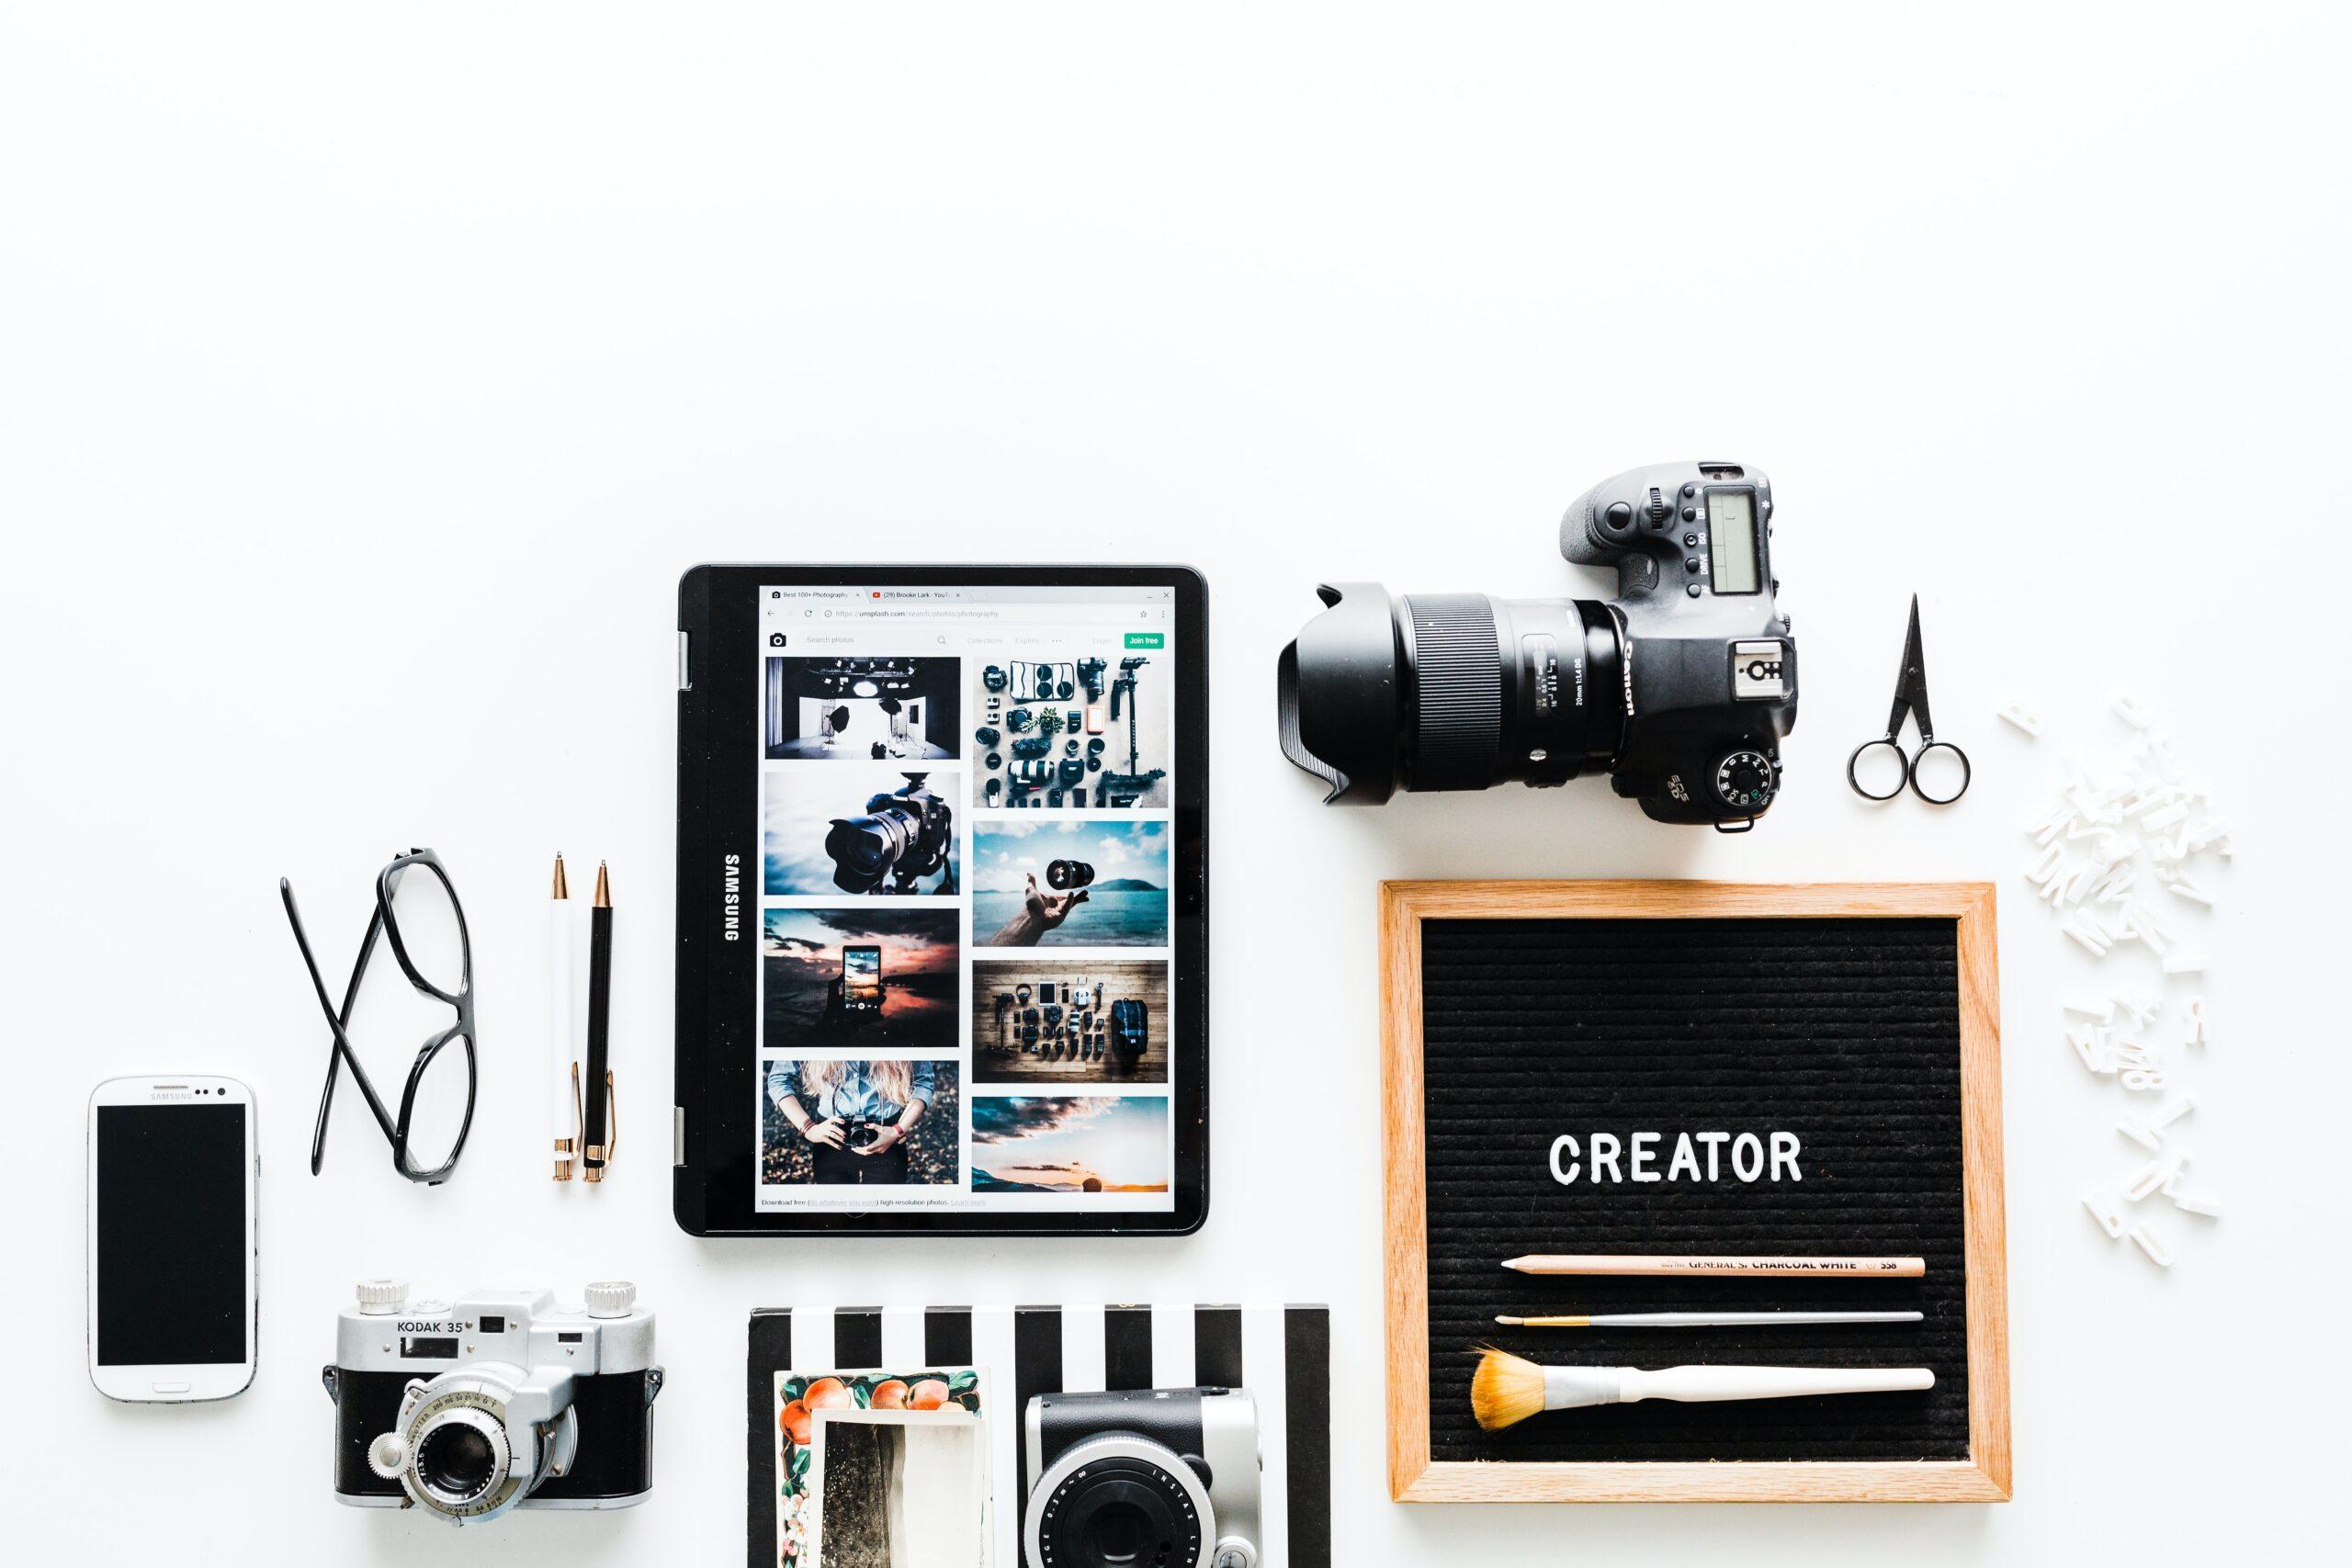 best photo sharing platform